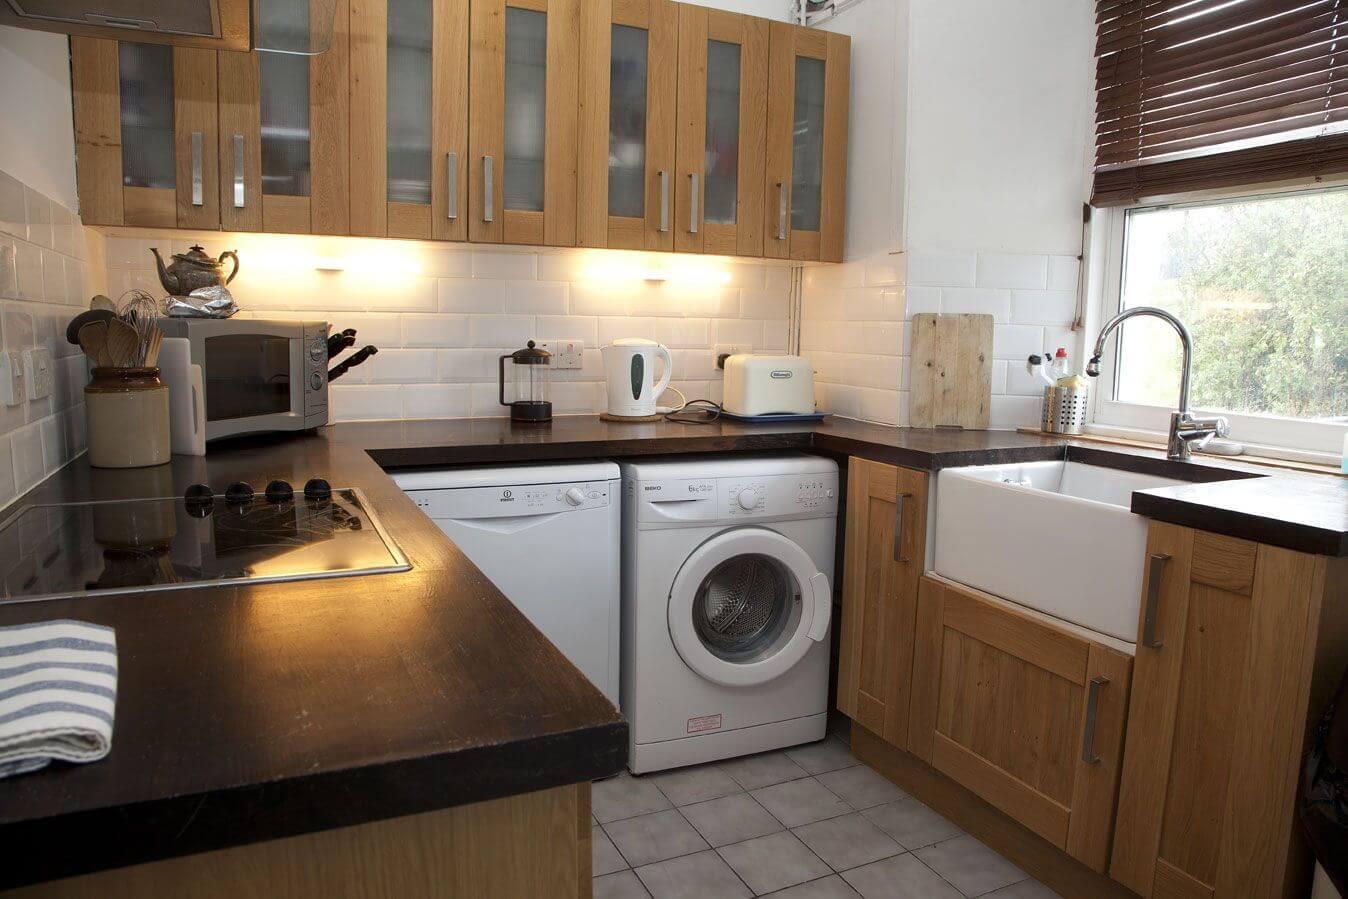 lave-linge et lave-vaisselle